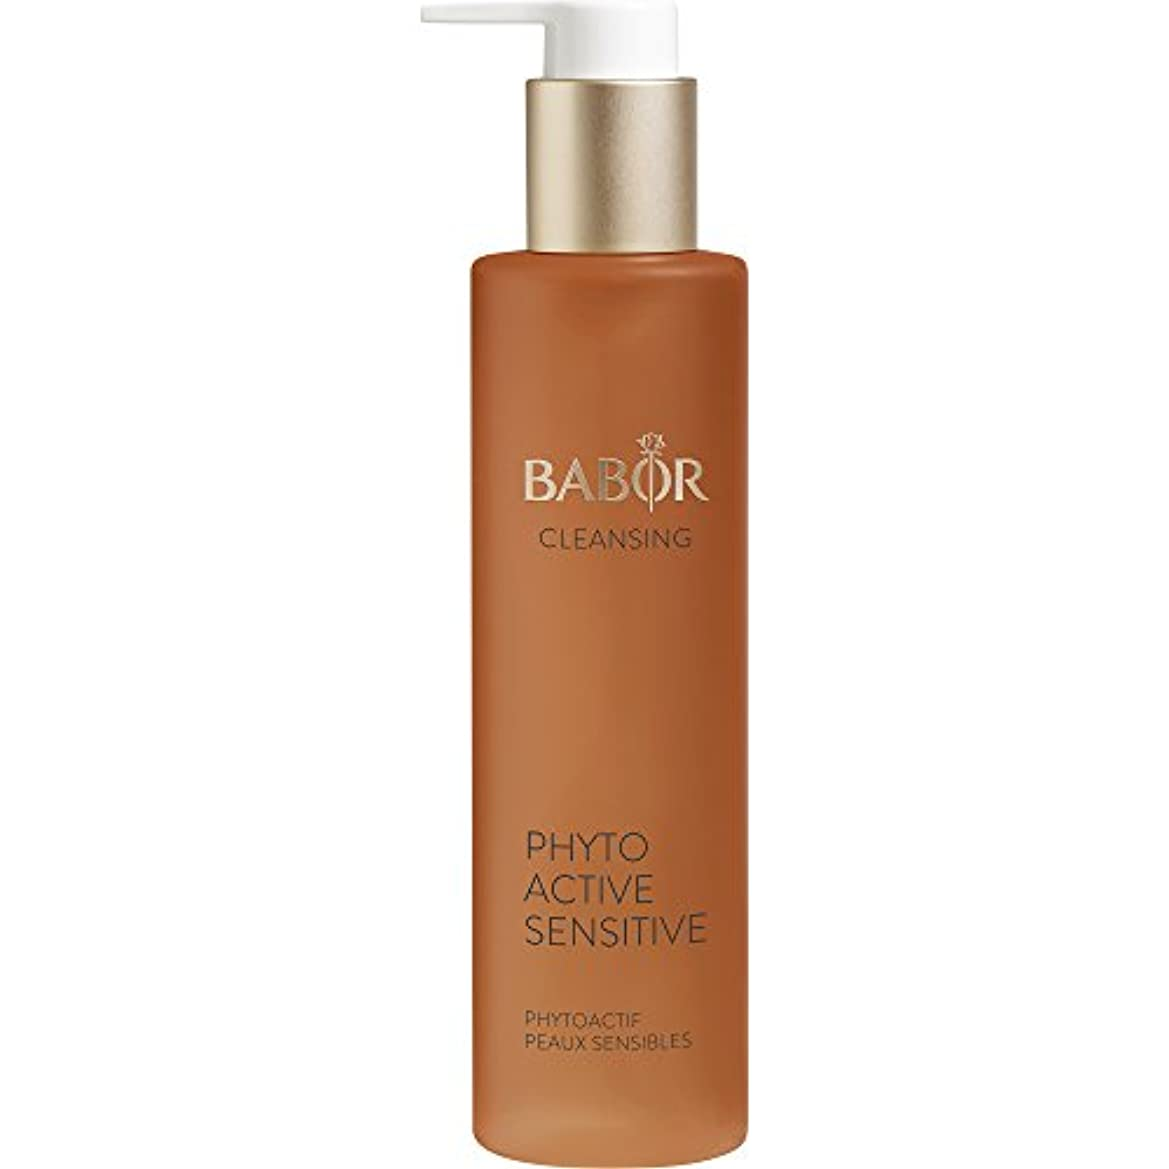 地中海道徳分類バボール CLEANSING Phytoactive Sensitive -For Sensitive Skin 100ml/3.8oz並行輸入品